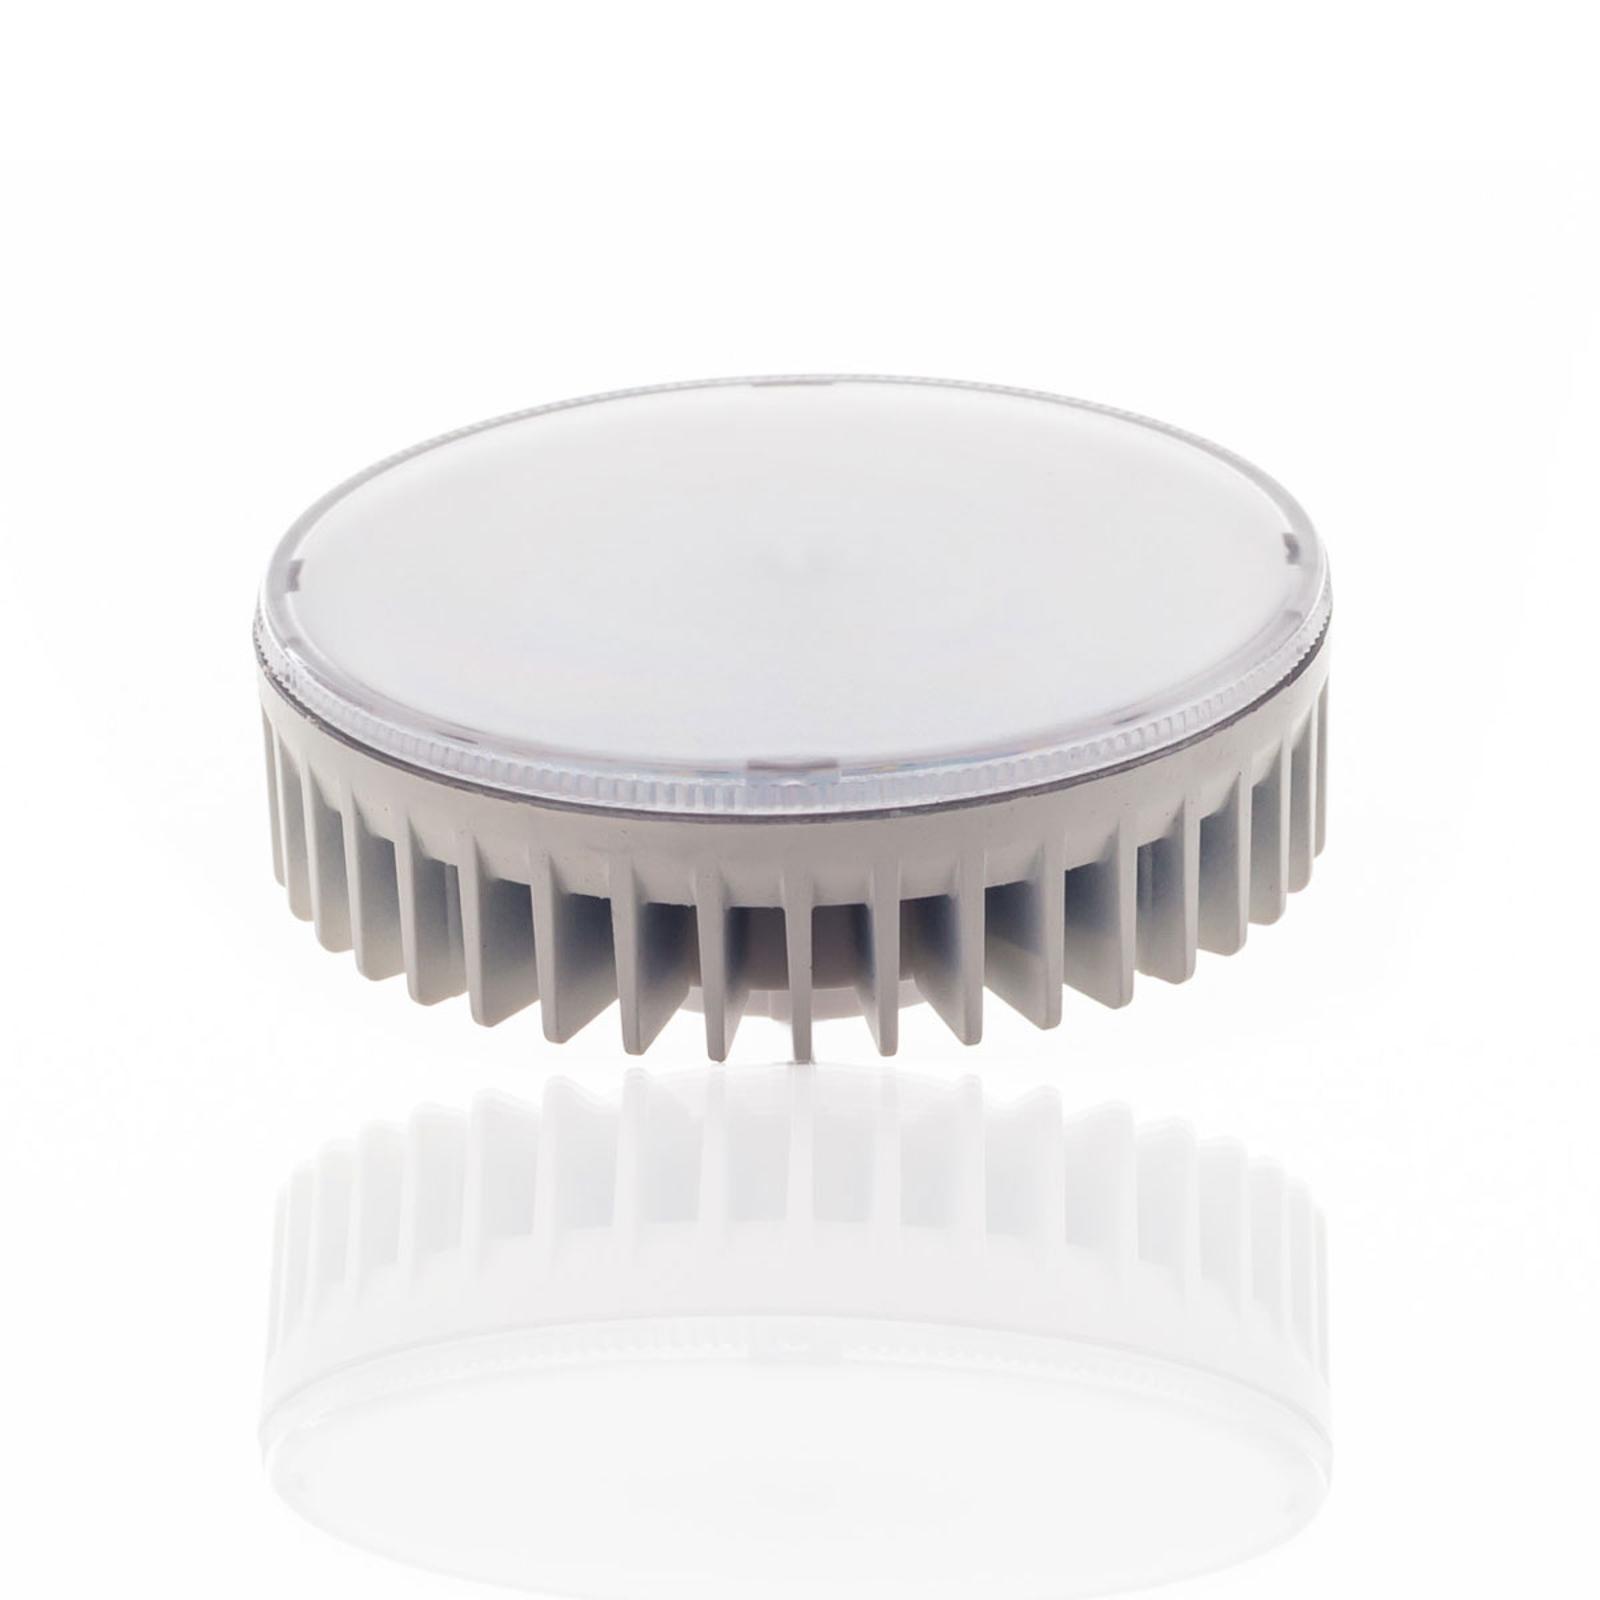 GX53 7W LED-Lampe mit 700lm - universalweiß